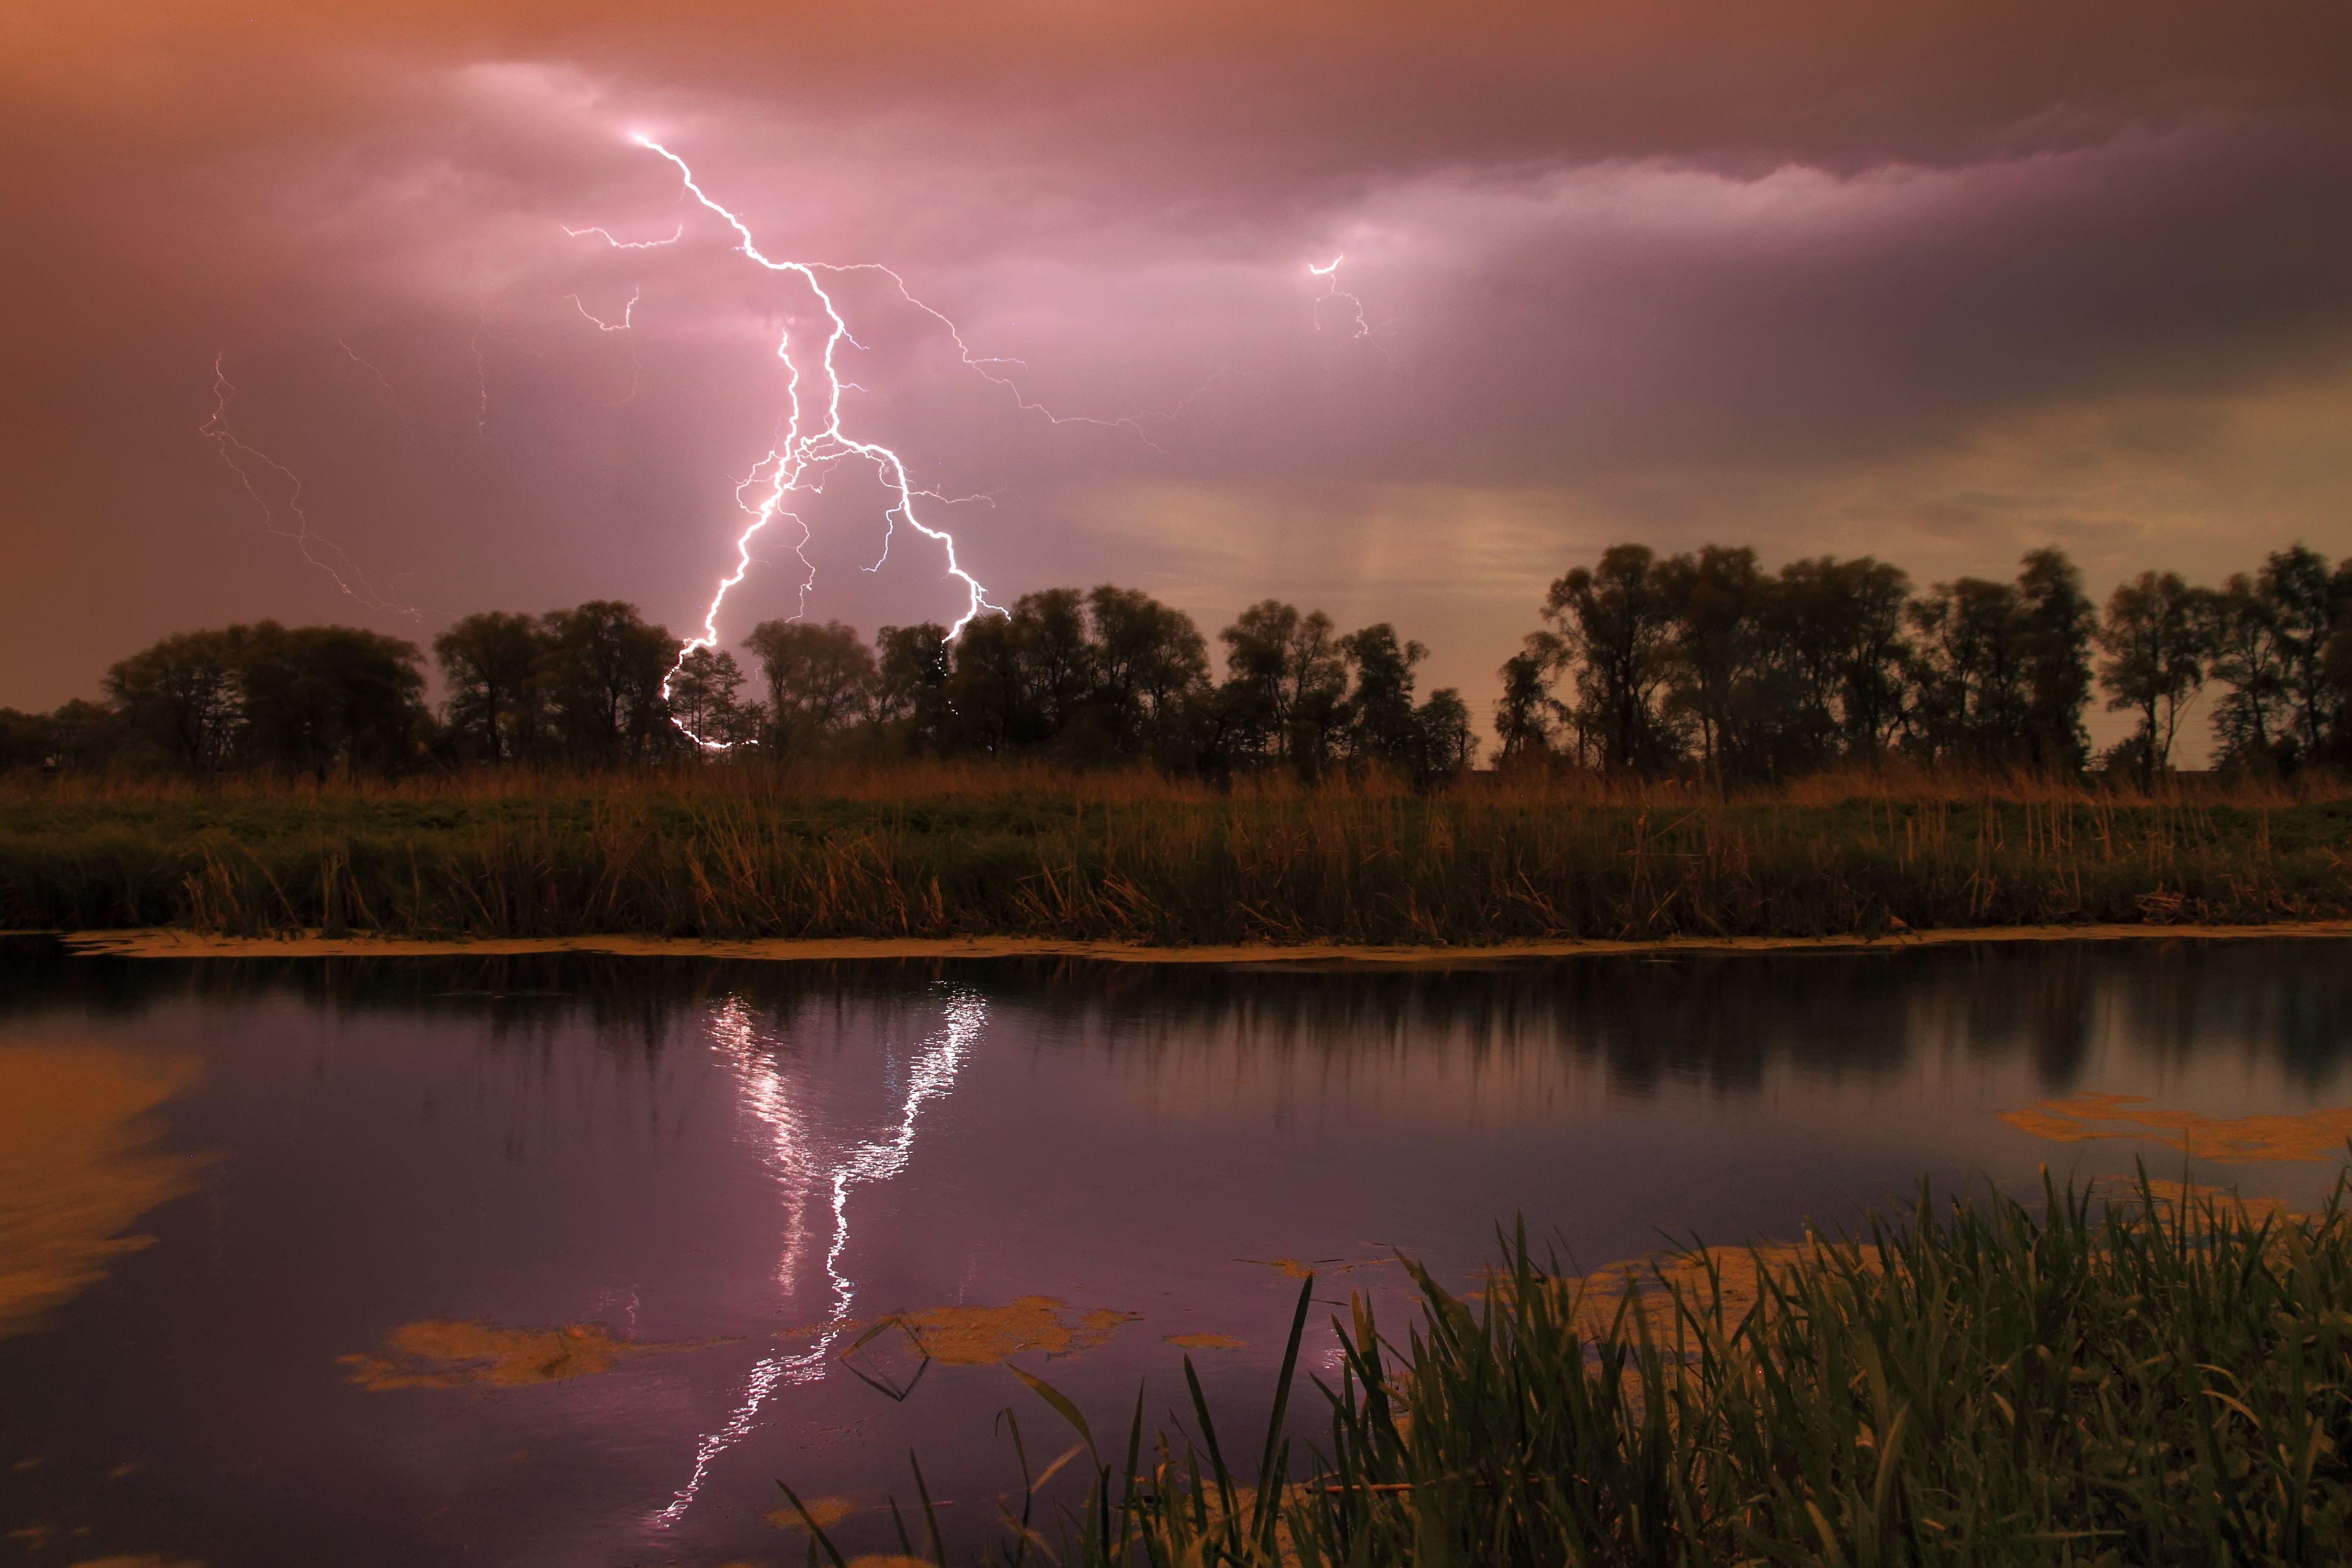 Tormenta eléctrica sobre el río por la noche